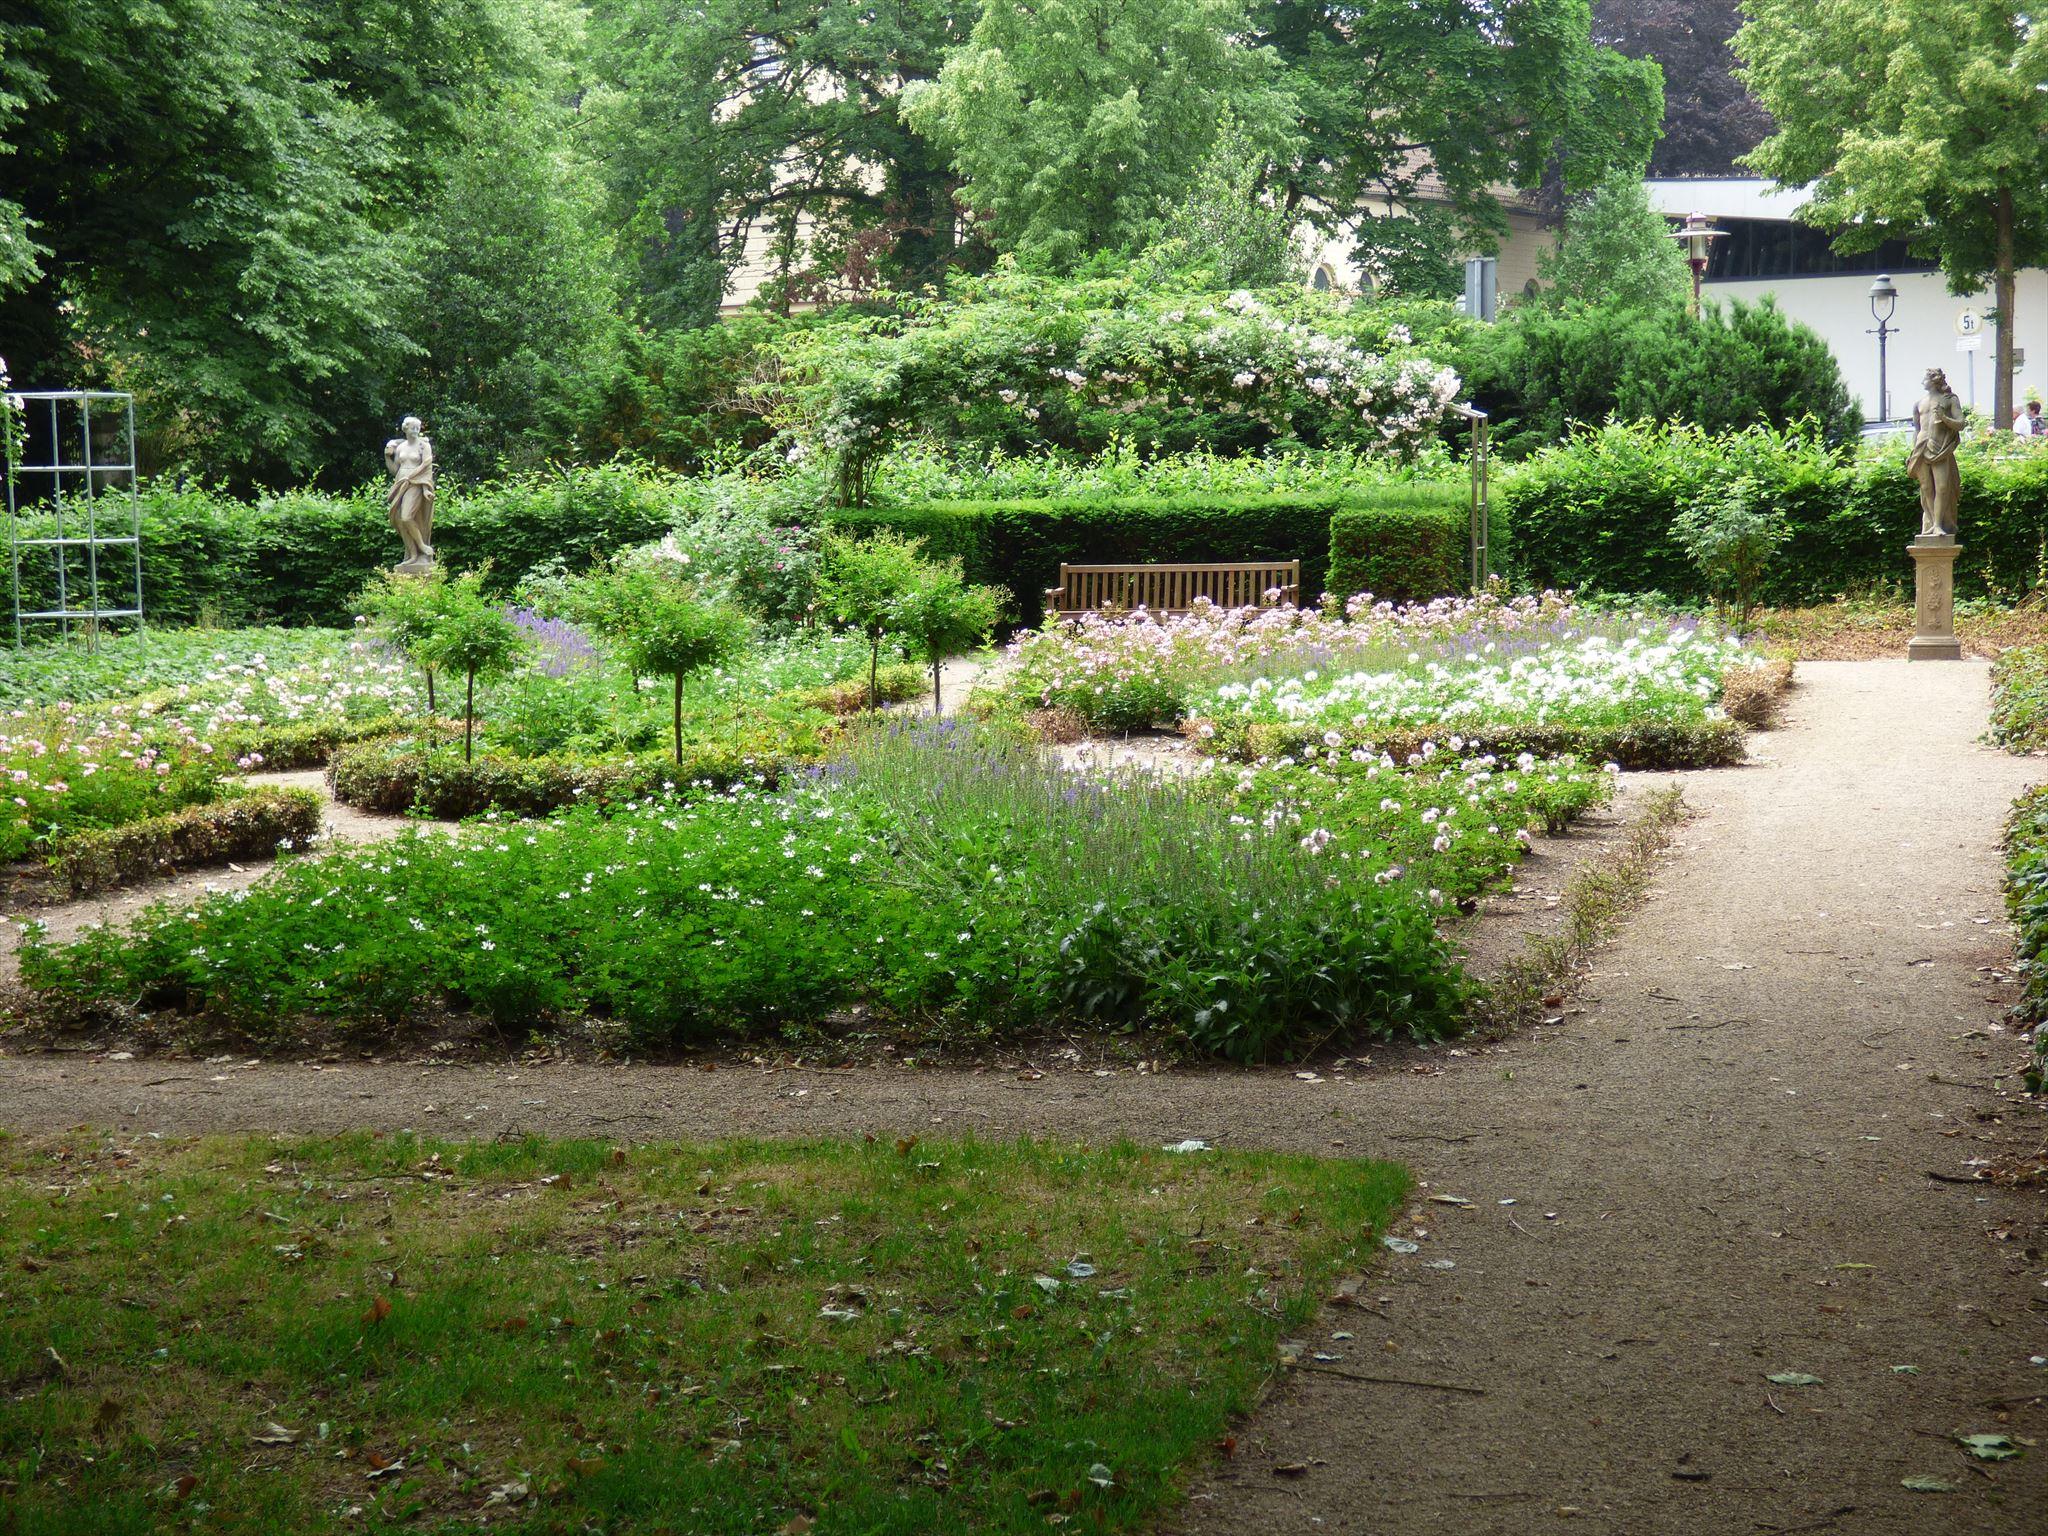 Französischer Garten Celle Niedersachsen Germany Image